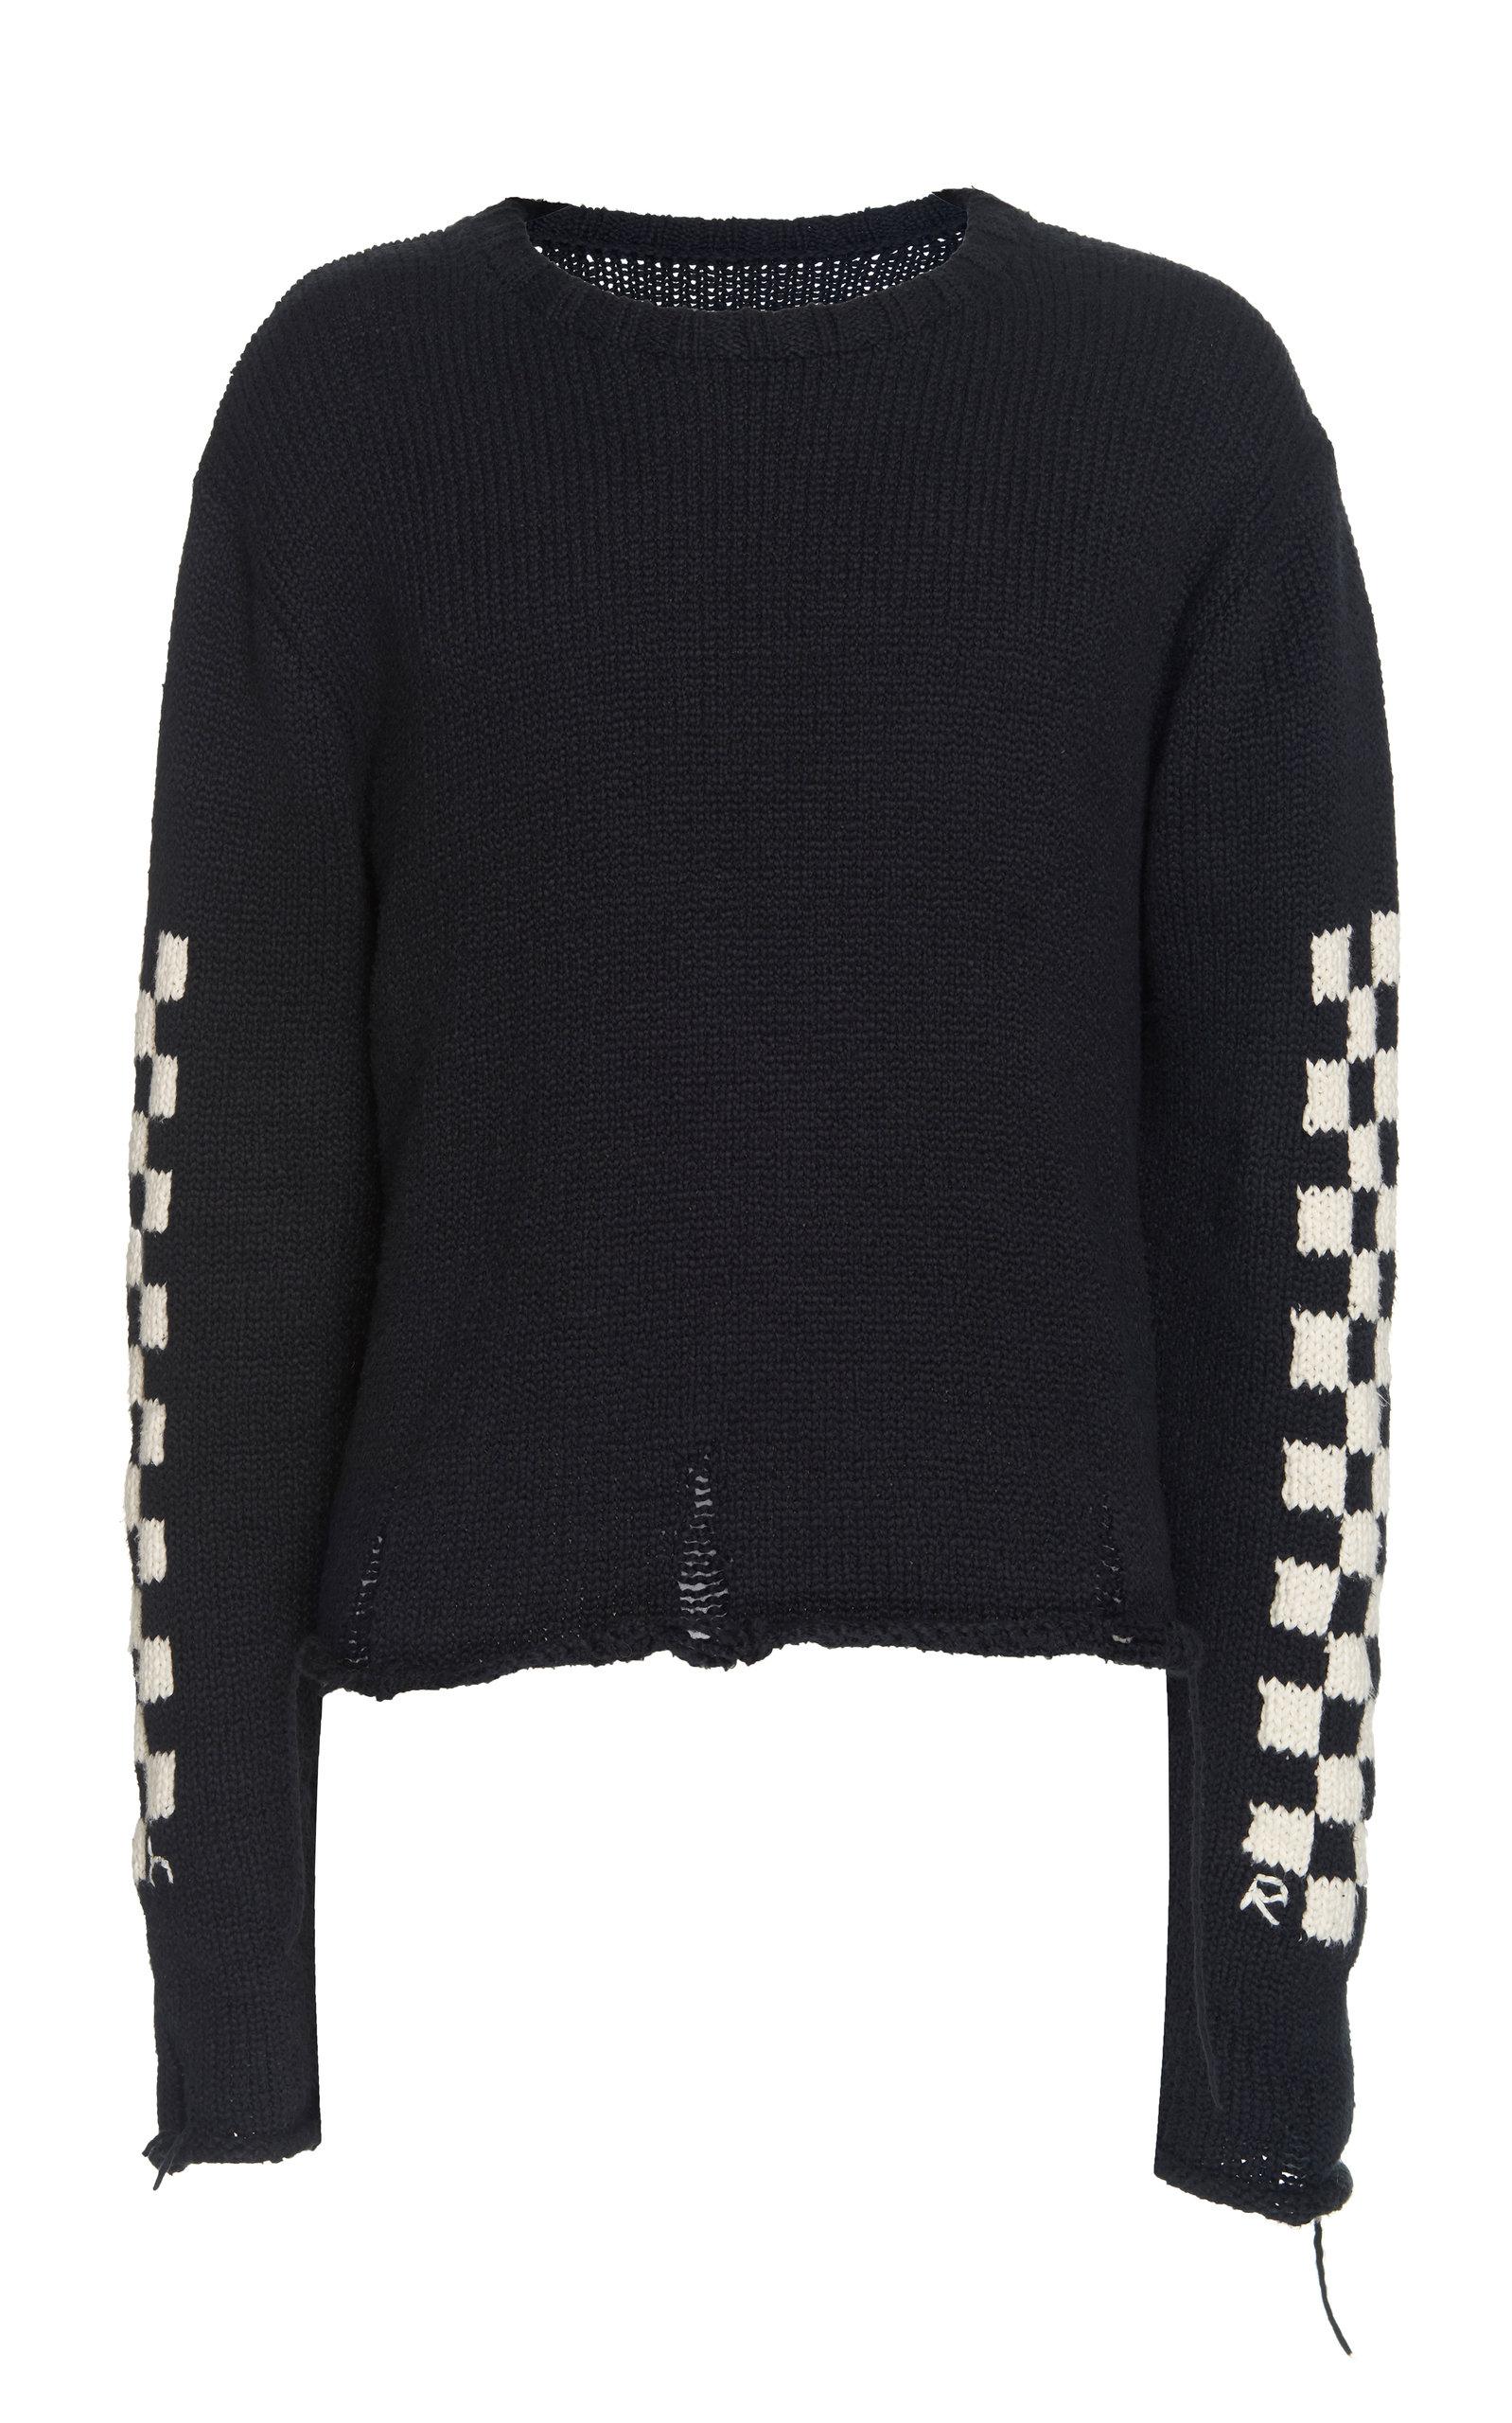 Rhude Knits Intarsia-Knit Cotton Sweater